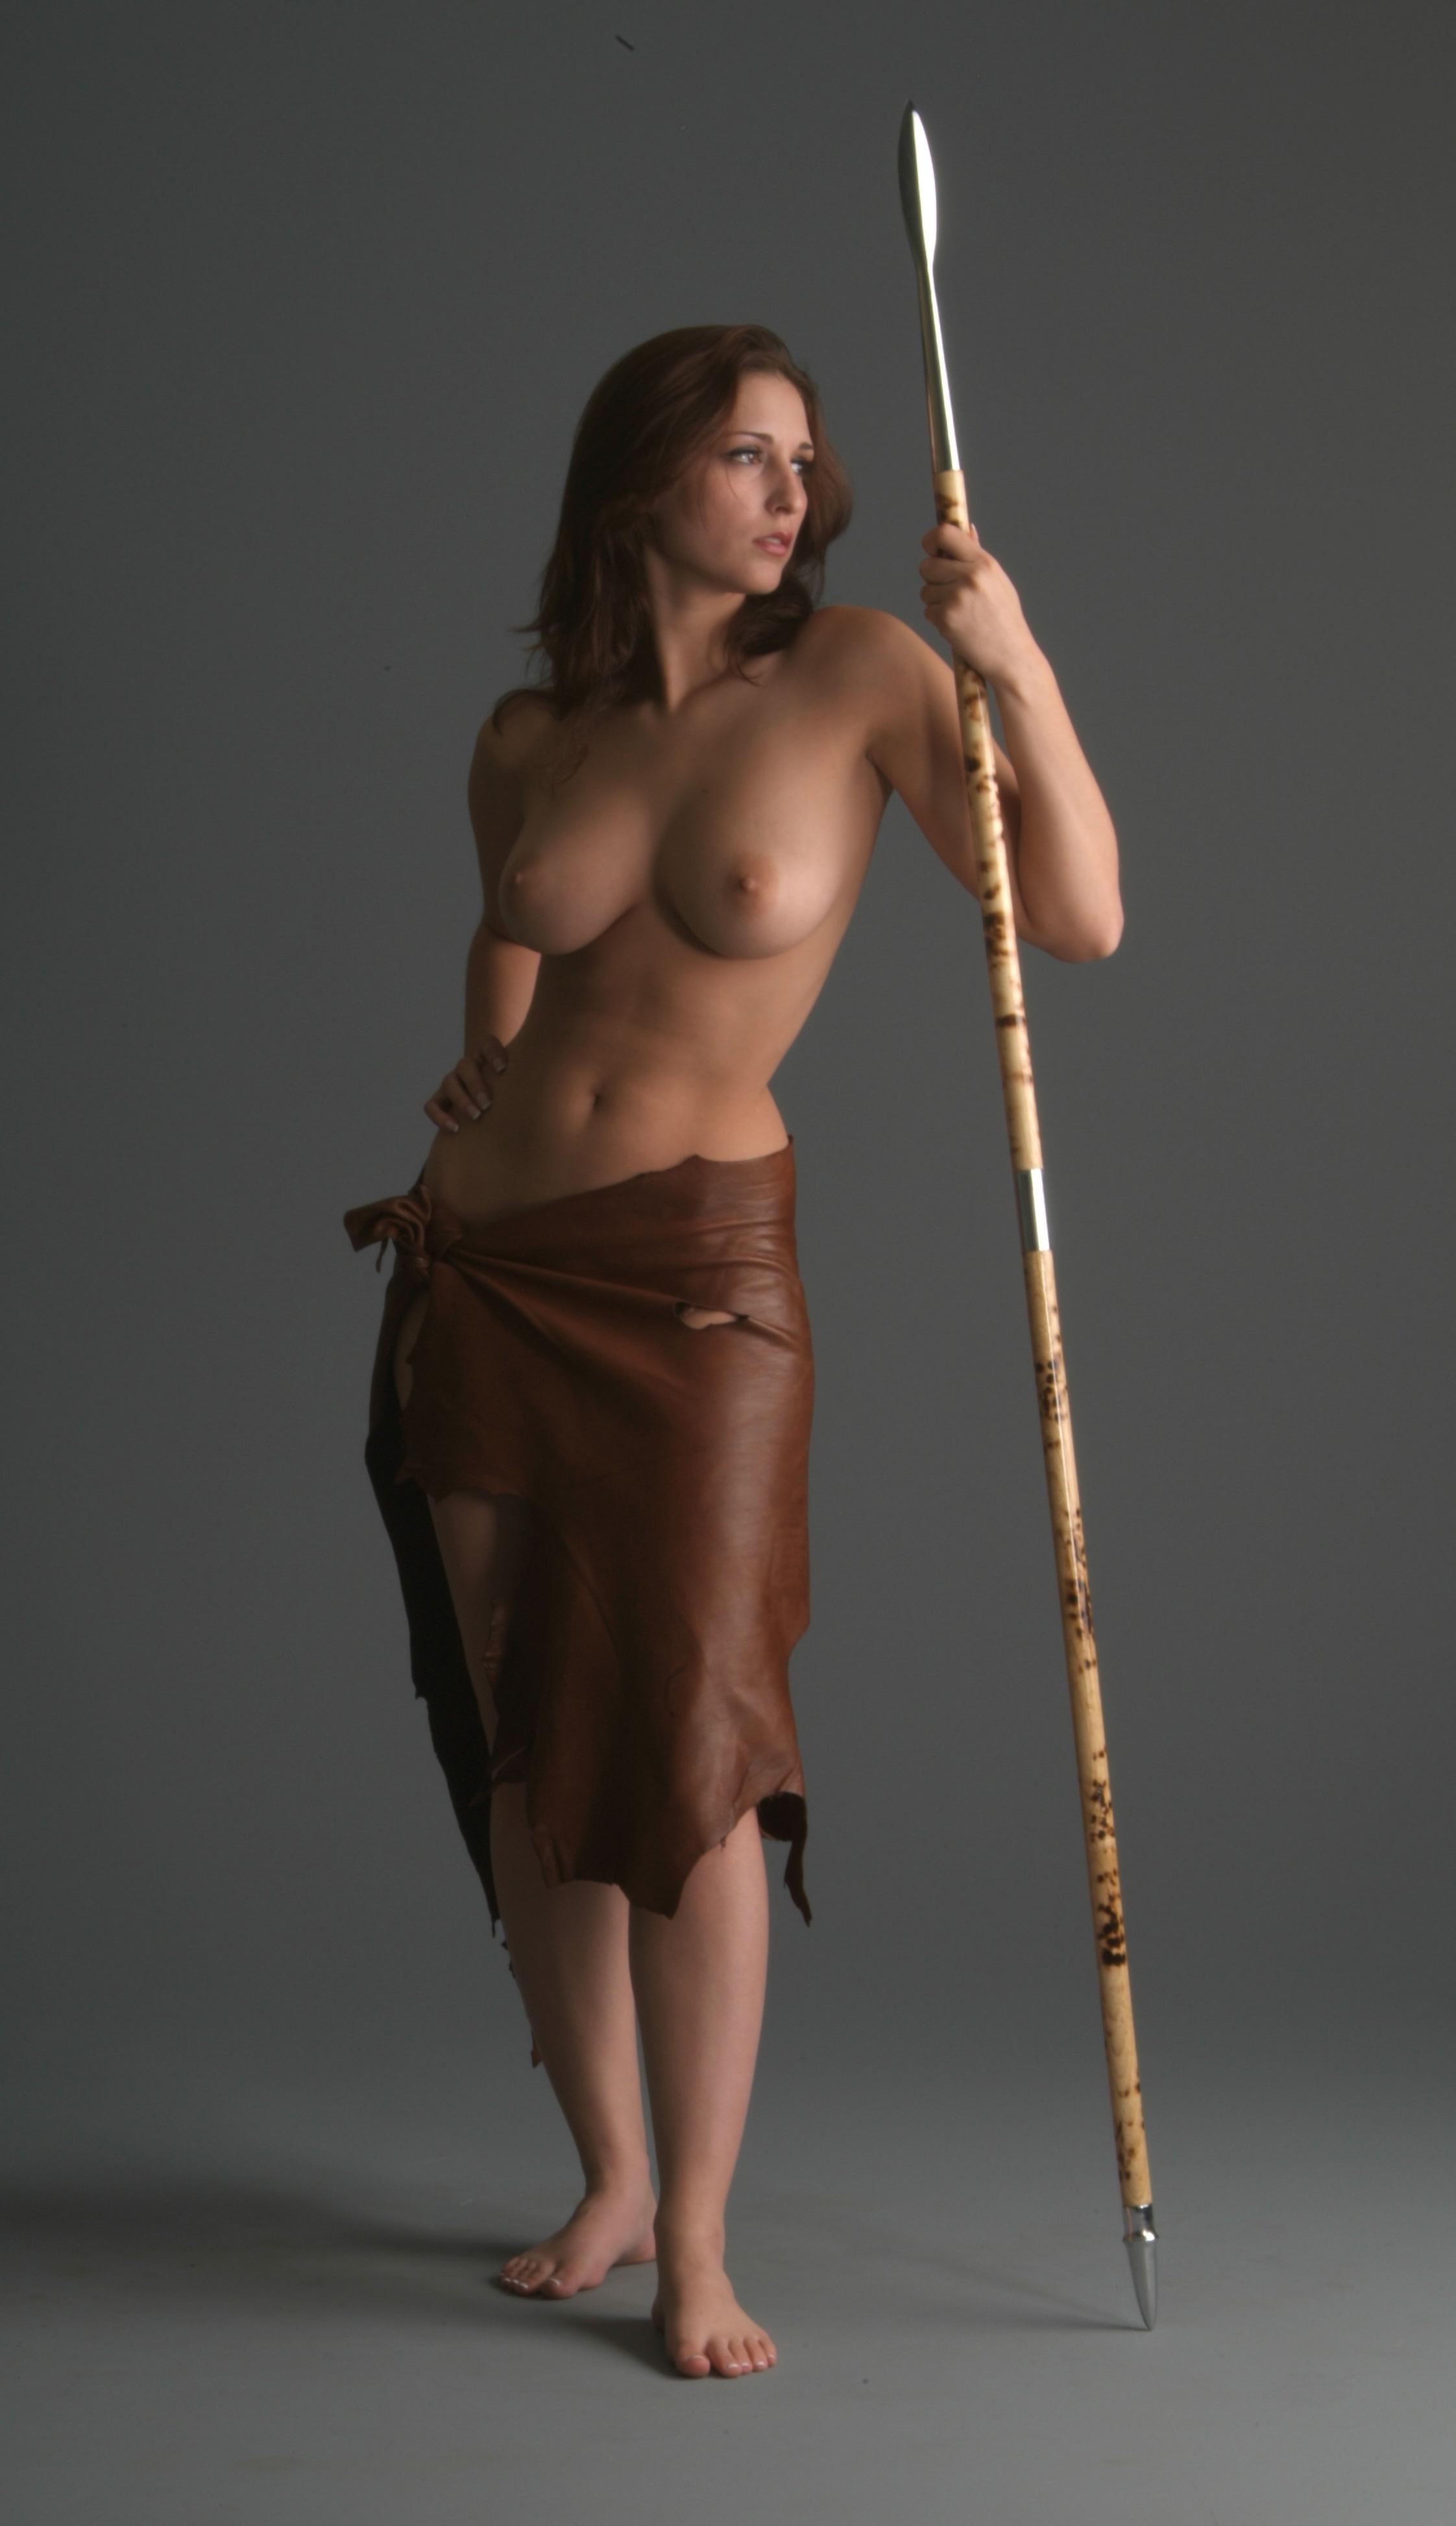 Nake female warriors video erotic films